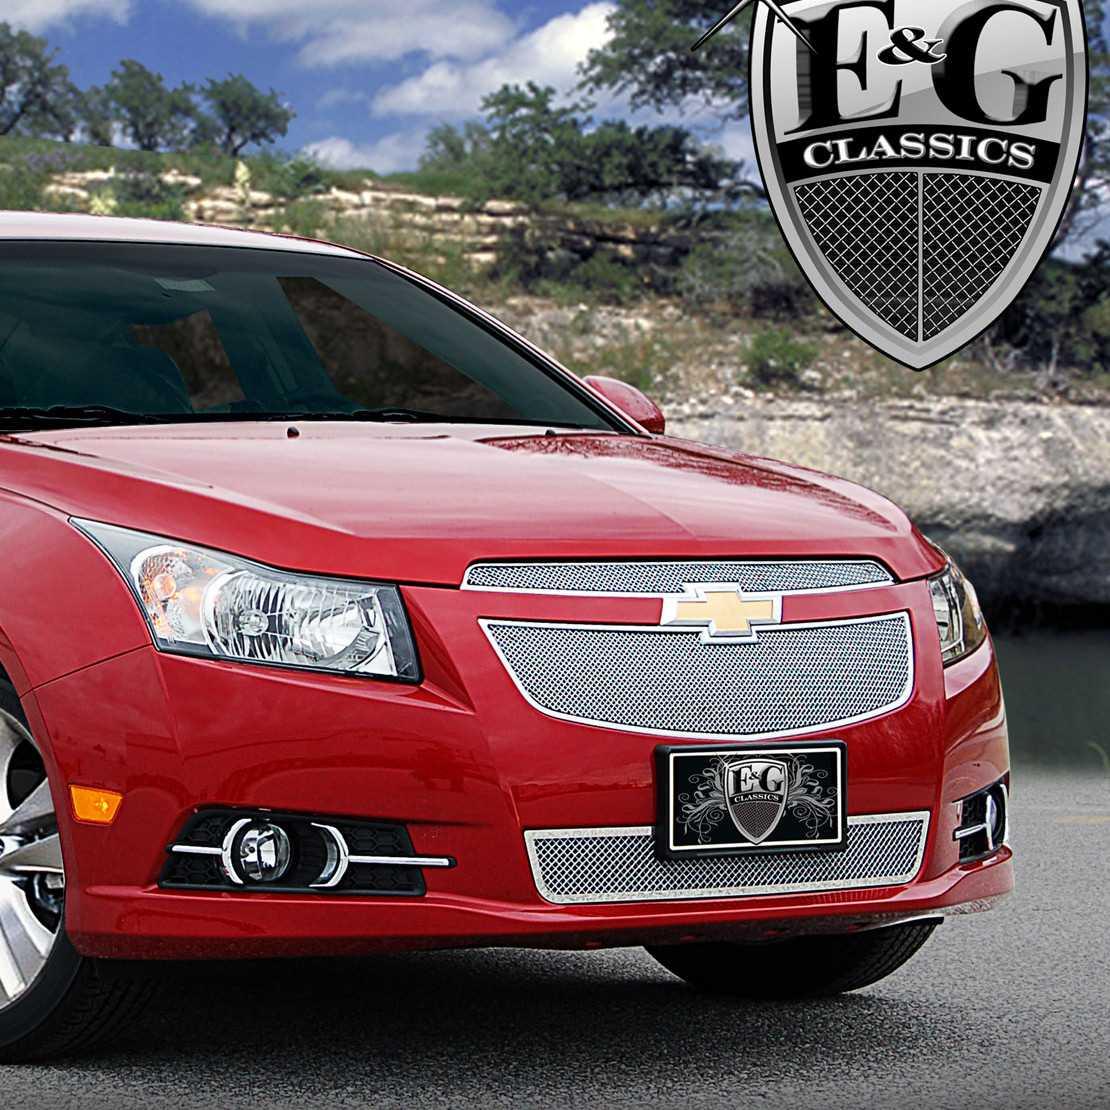 2013 chevrolet cruze review new cars car reviews car html autos weblog. Black Bedroom Furniture Sets. Home Design Ideas